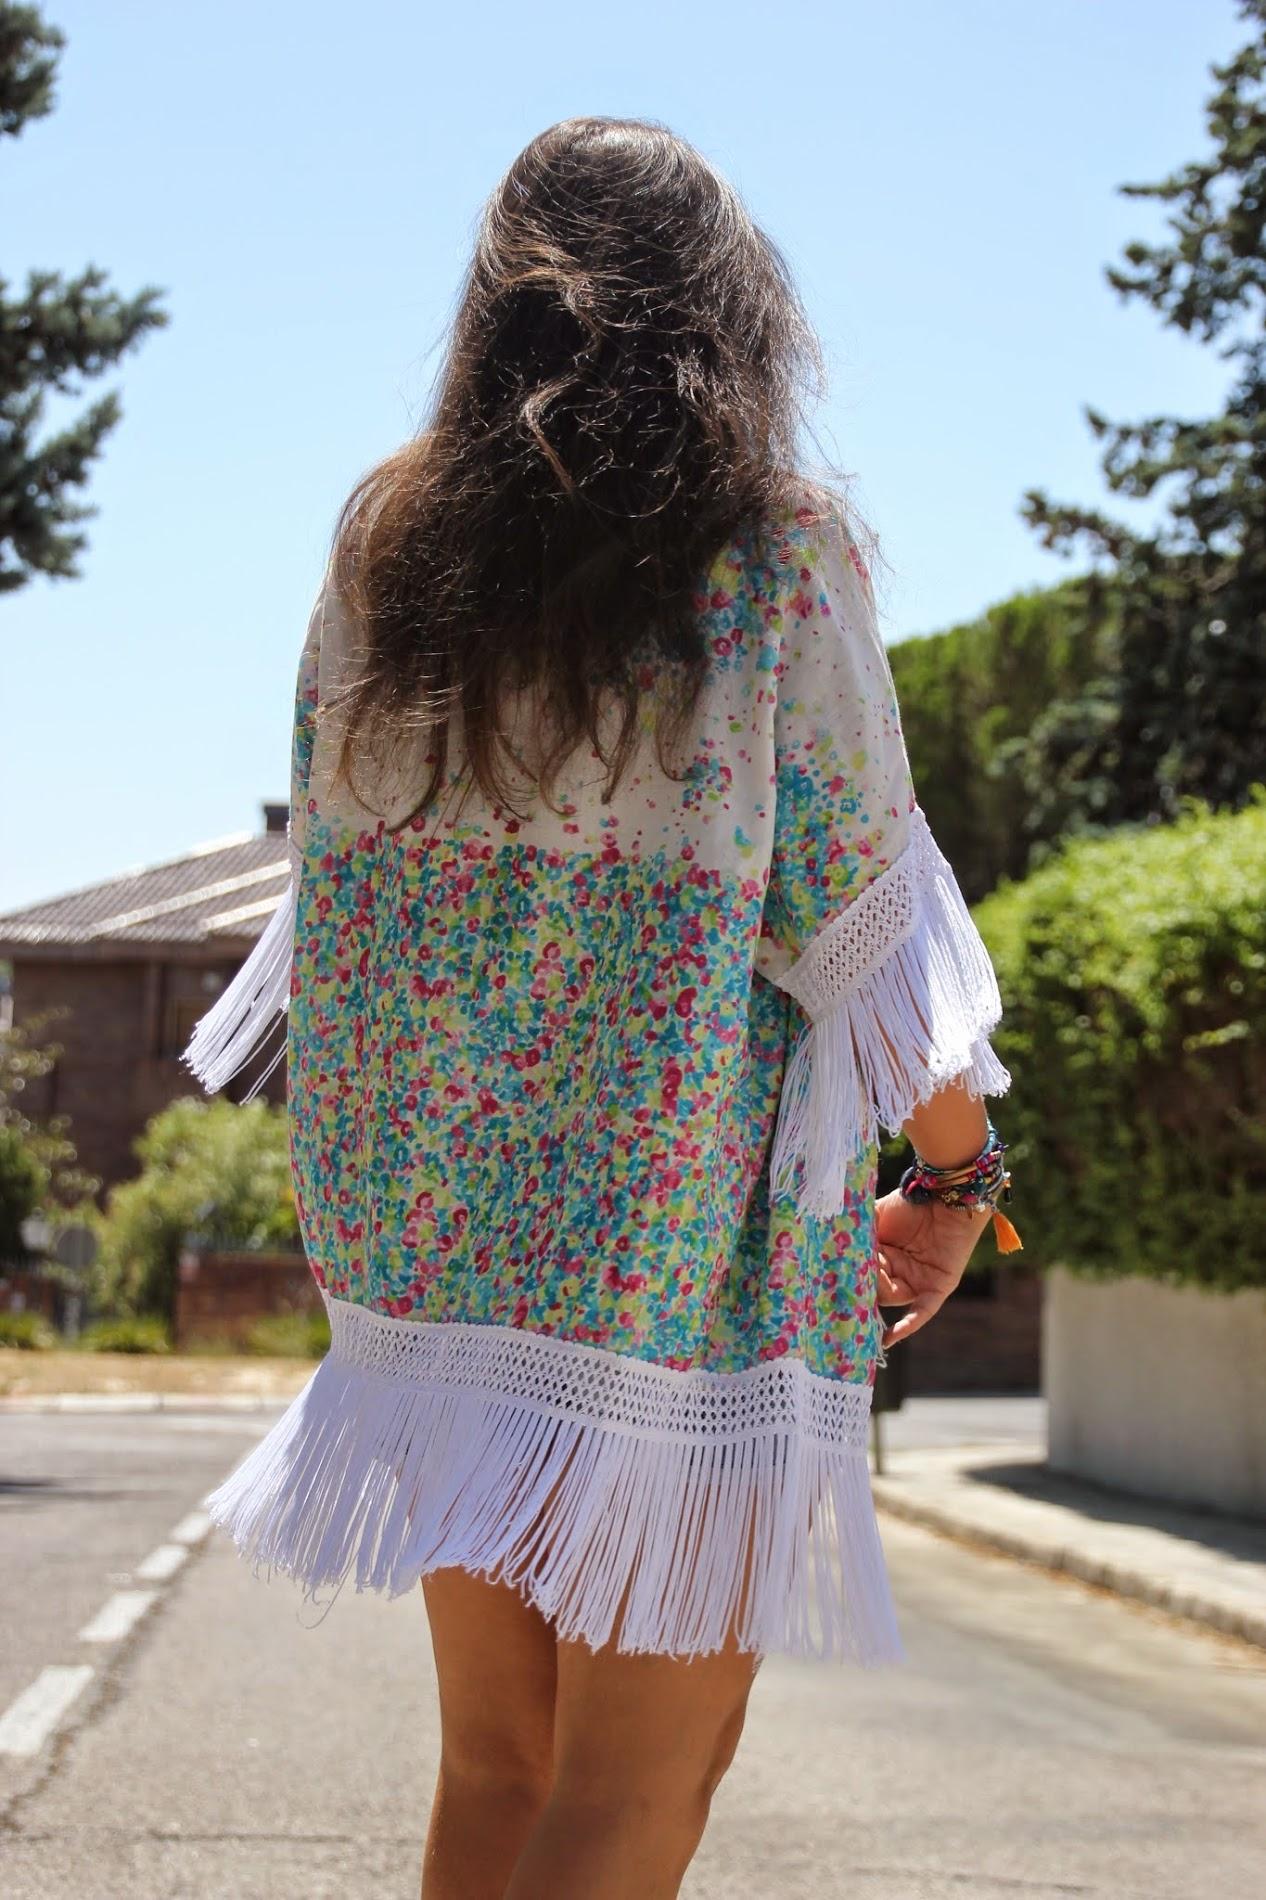 Tutoriales de Kimono DIY (patrones incluidos)